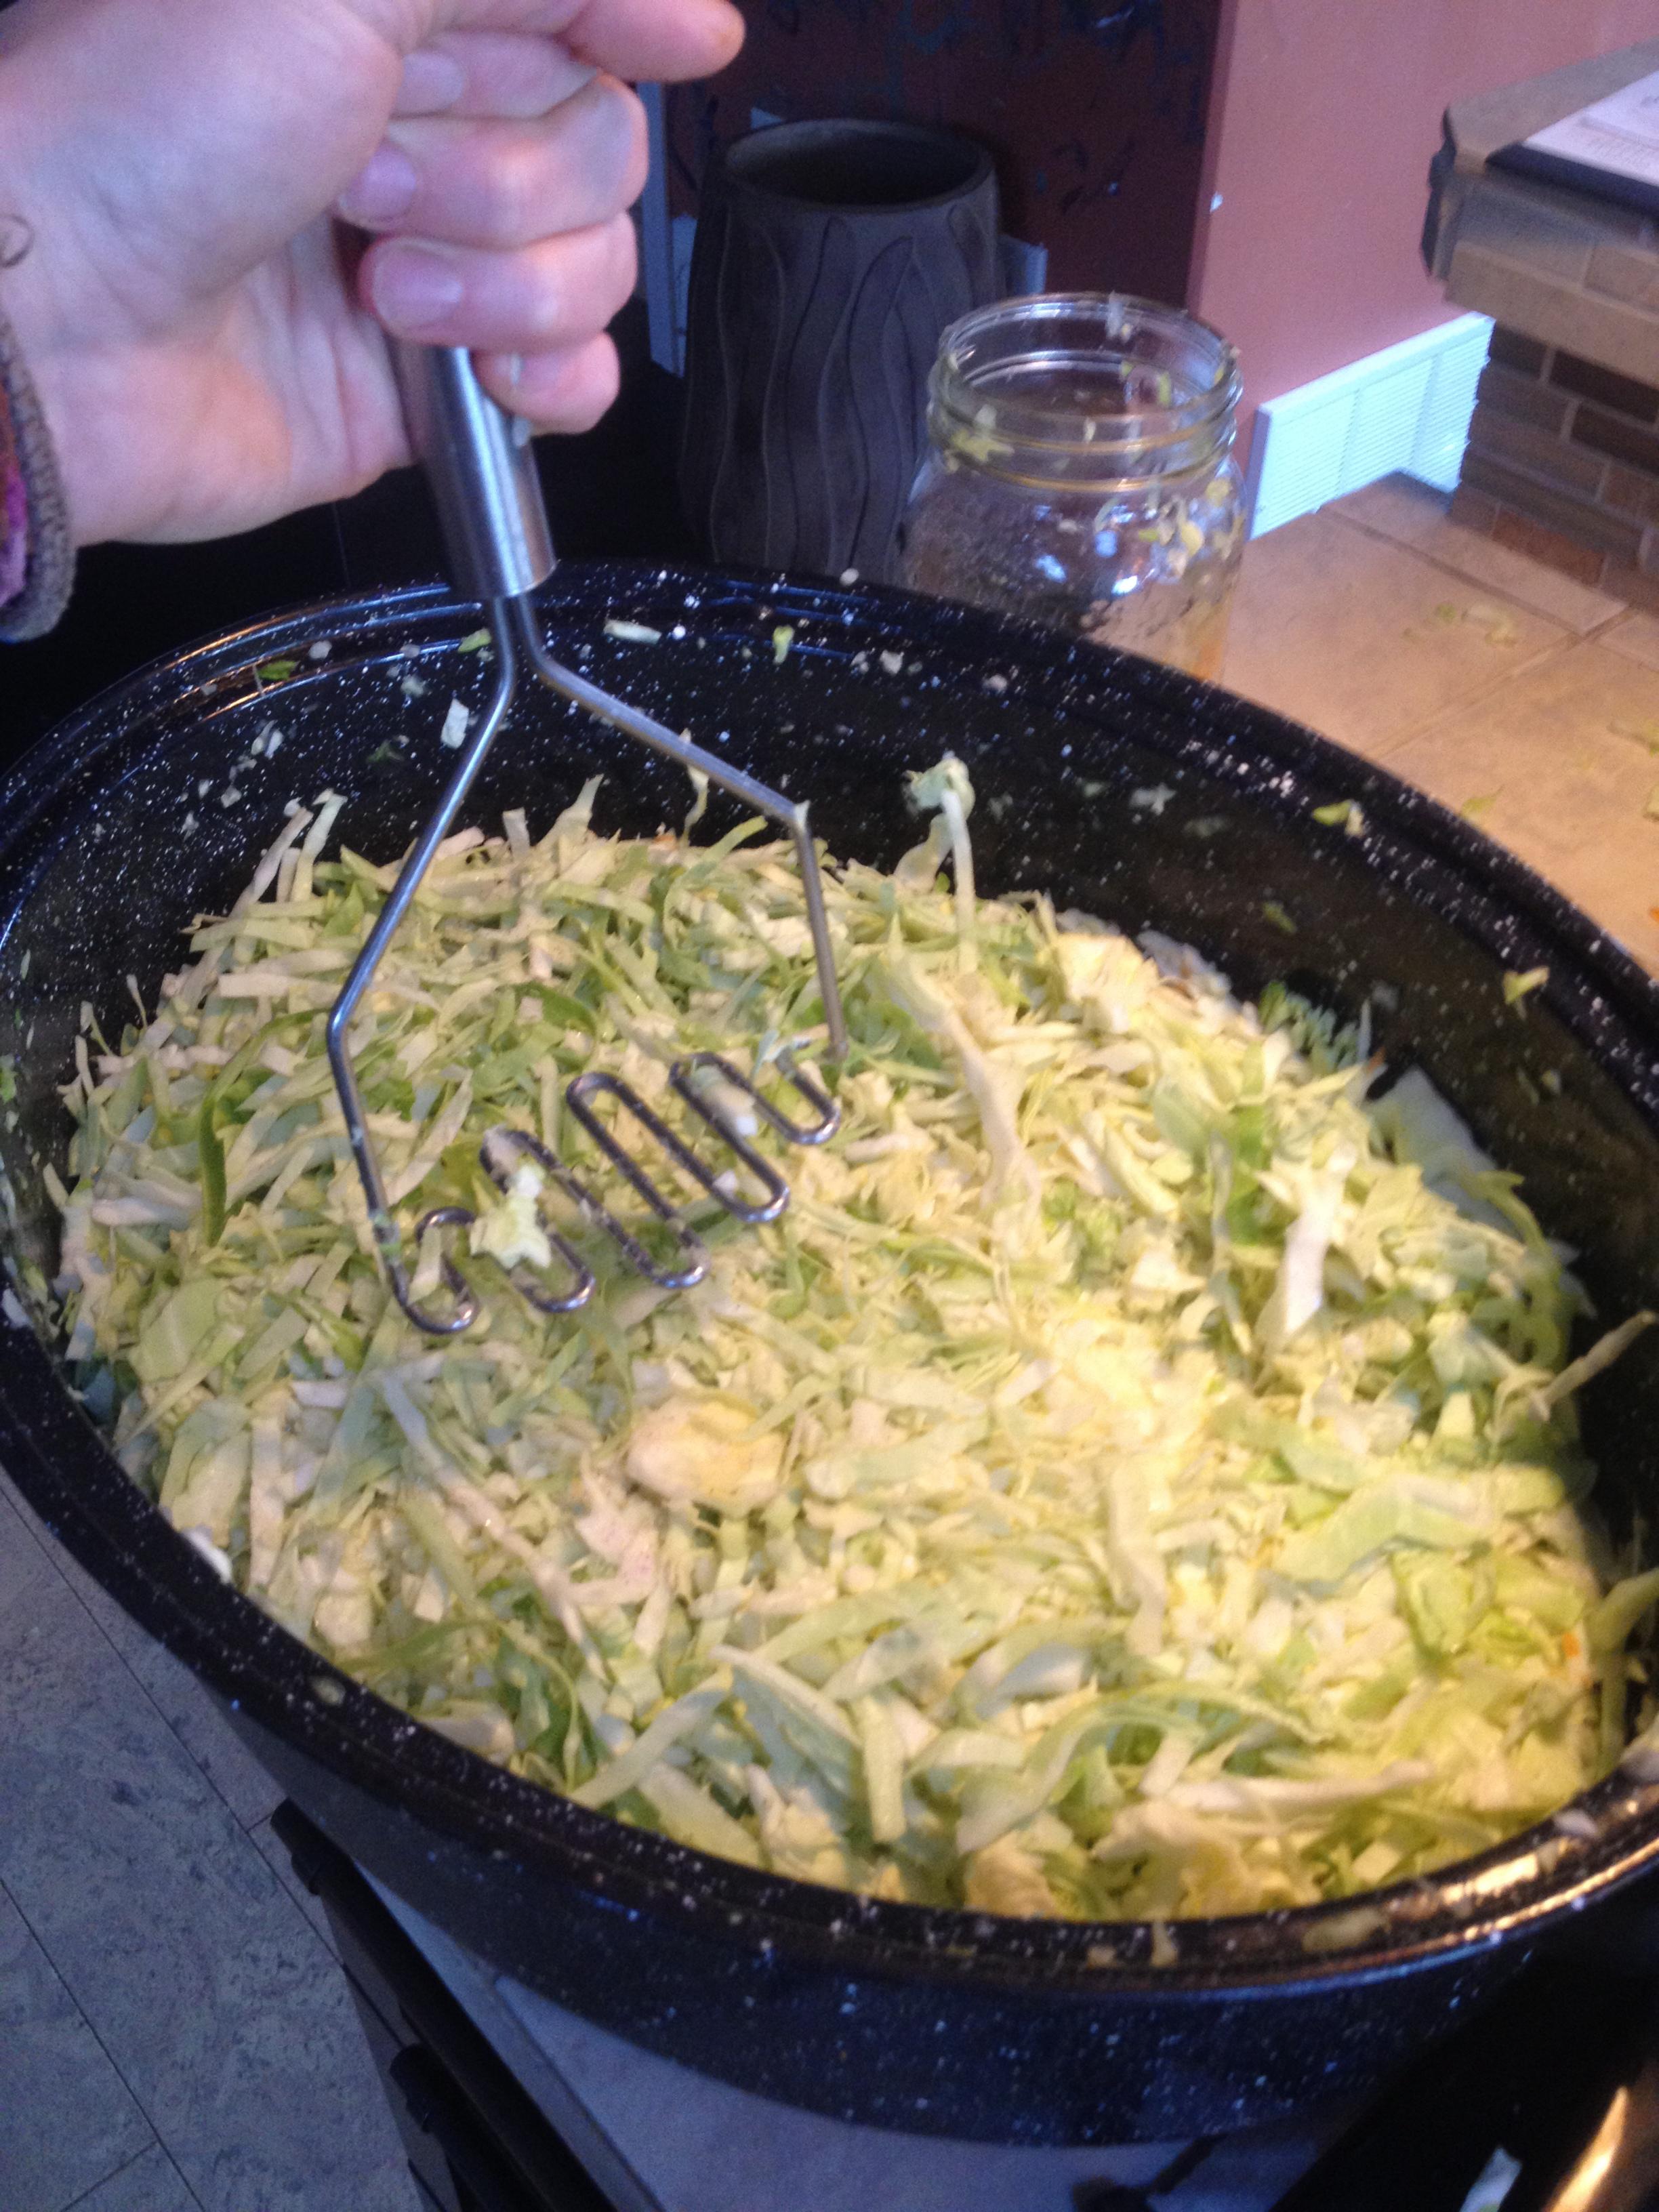 sauerkraut-preparation